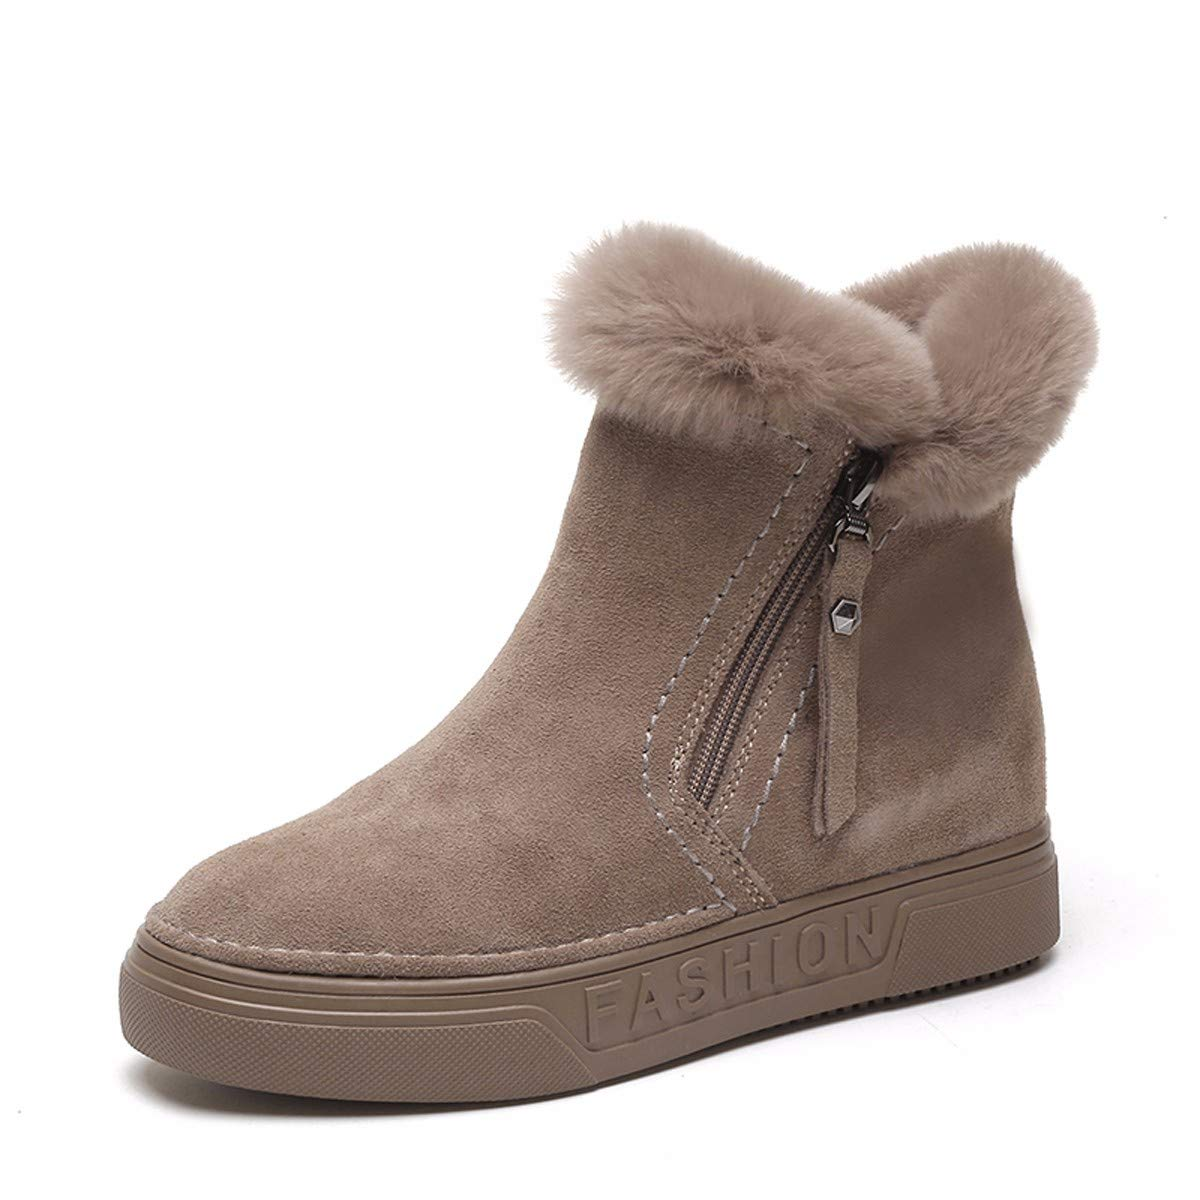 KPHY Damenschuhe/Winterschuhe Gepolsterte Warm Kurze Stiefeln Baumwolle Stiefel Schleudern Wild Martin Stiefel.